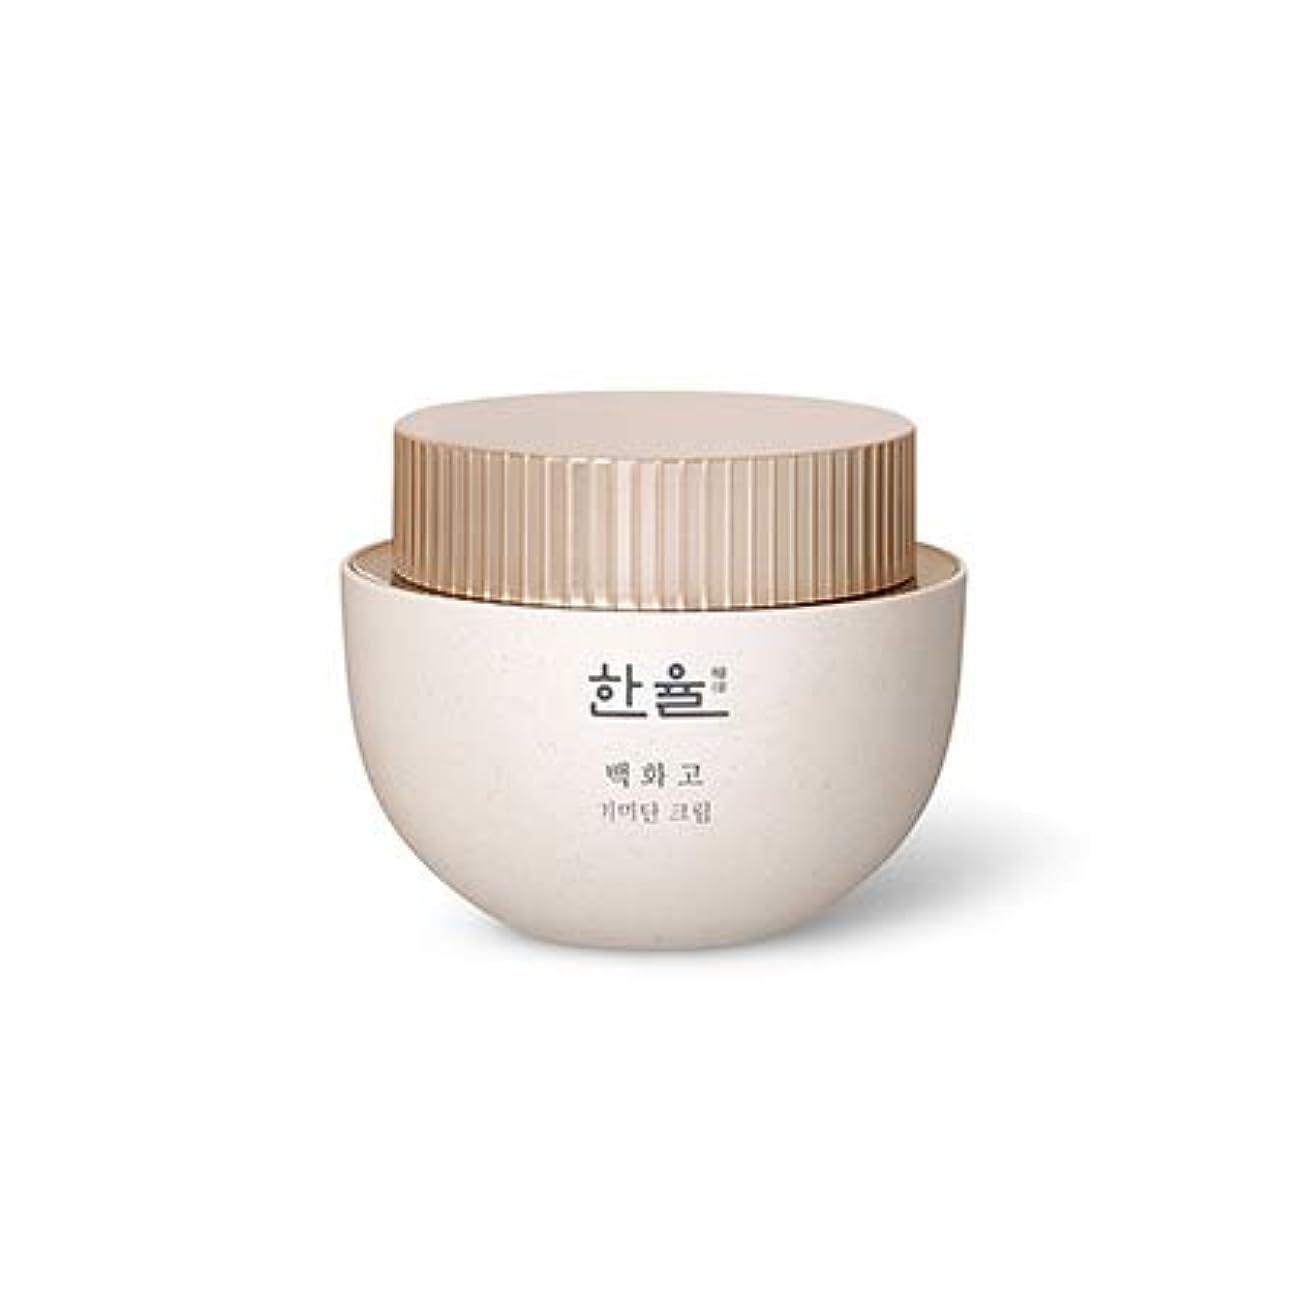 雑多な噂文[ハンユル.HANYUL]ベクファゴシミ段クリームHanyul Baek Hwa Goh Anti-Aging Cream(シミ、くすみなどの老化の兆候をケア)